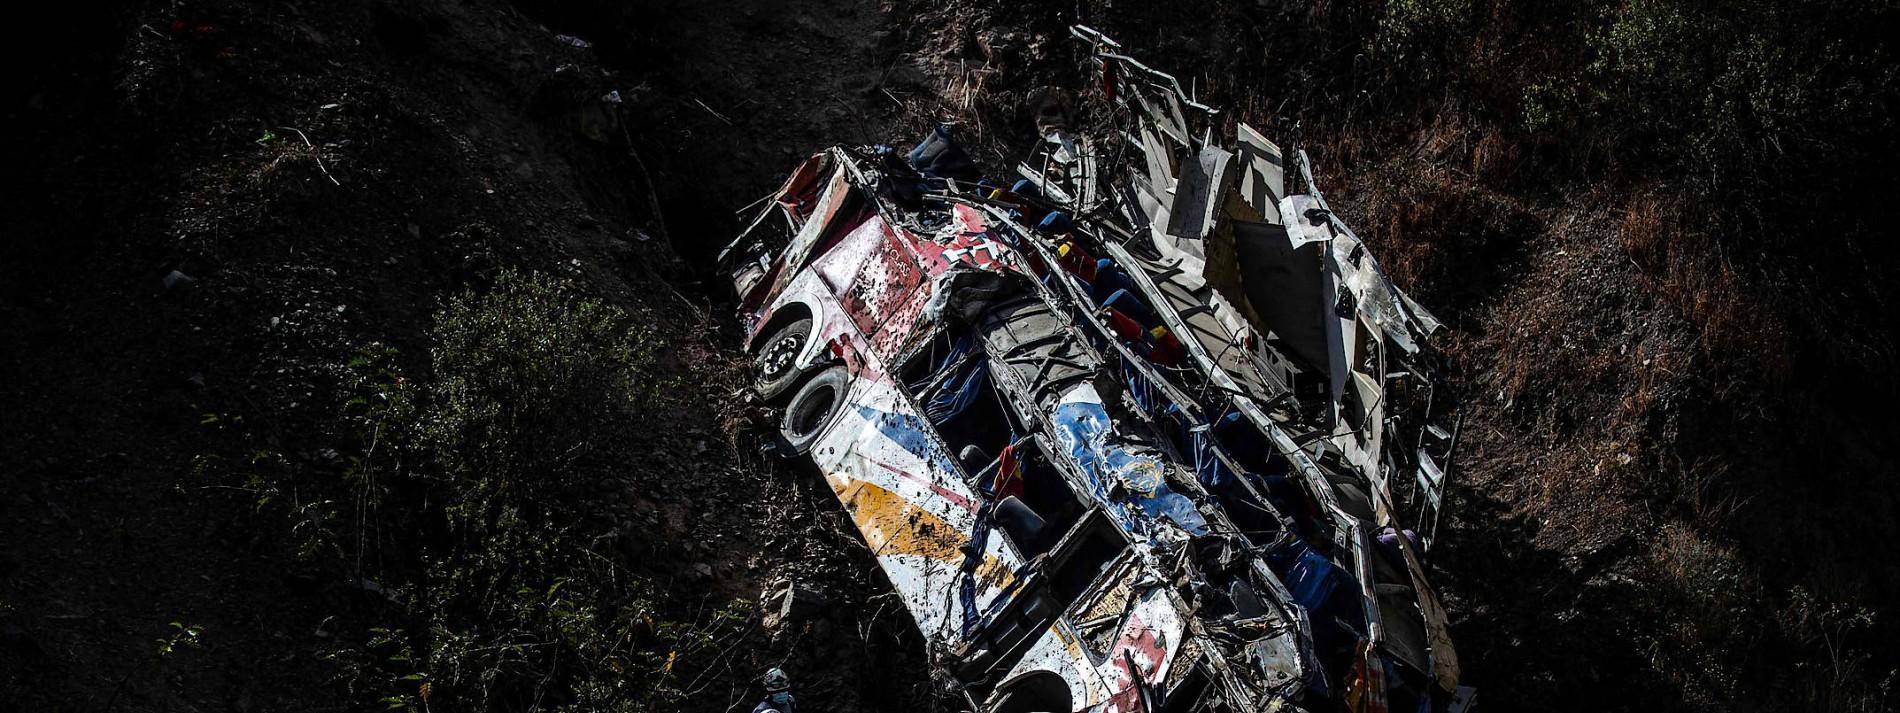 Mehr als 30 Tote bei Busunglück in Peru